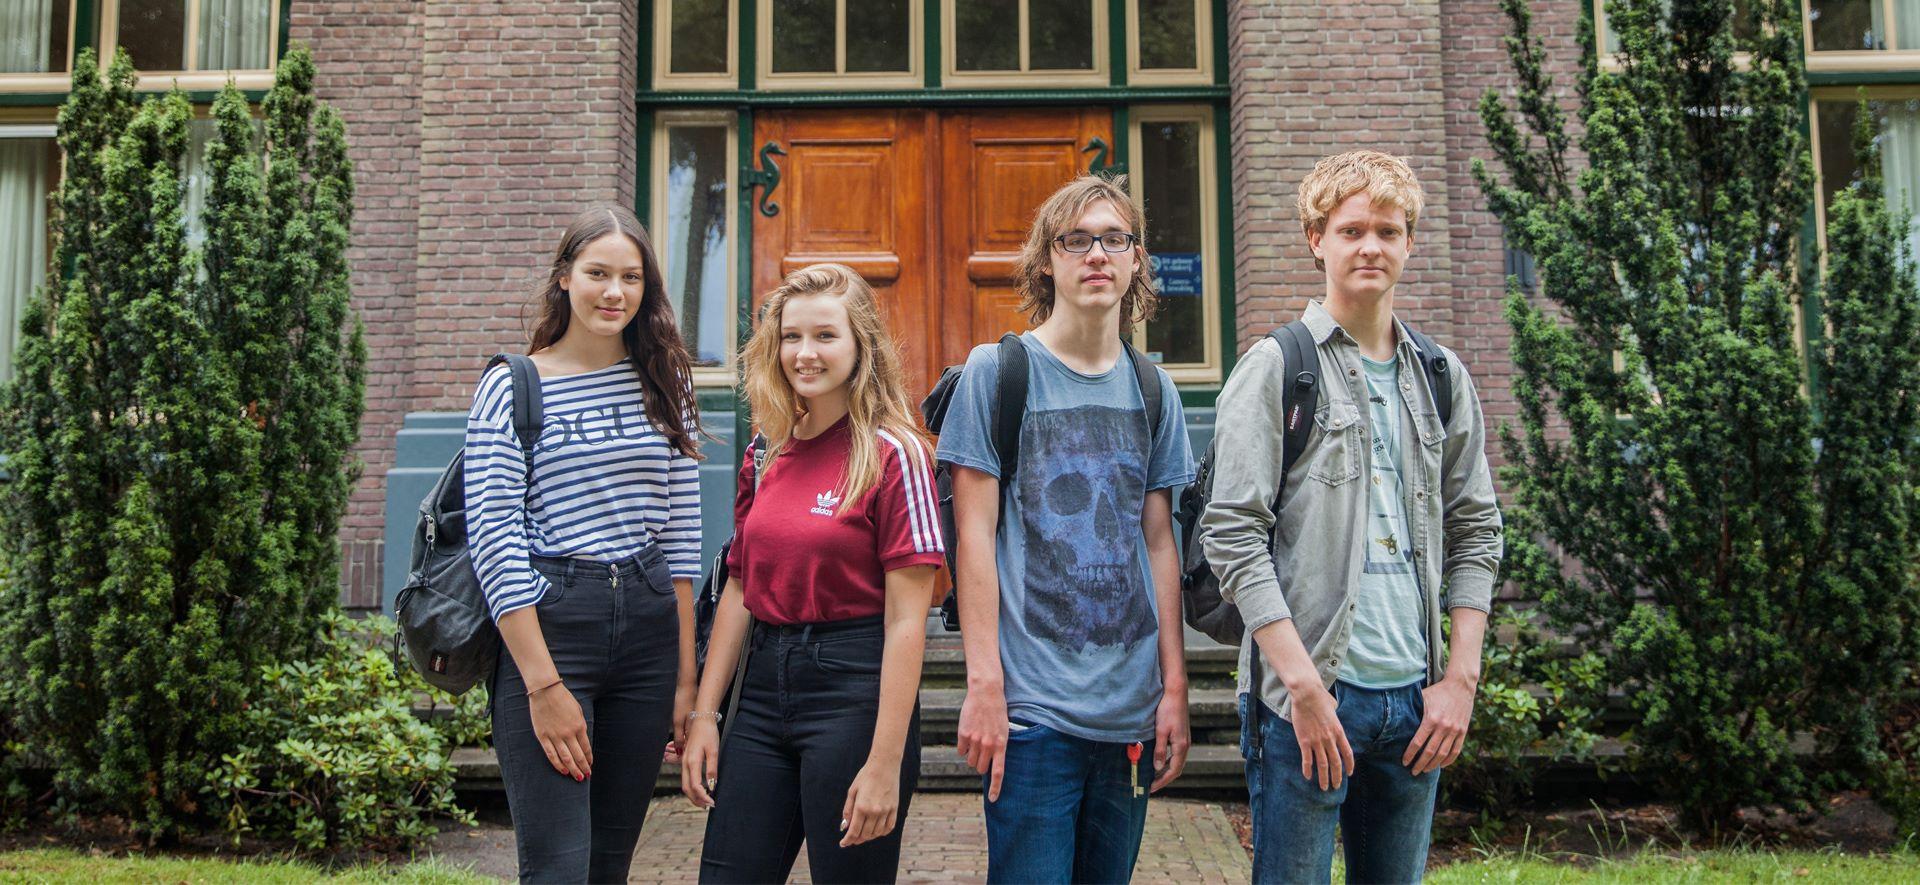 https://www.ubboemmius.nl/wp-content/uploads/2018/09/20180820_Ubbo_online_beeldmateriaal_22_leerlingenraad.jpg